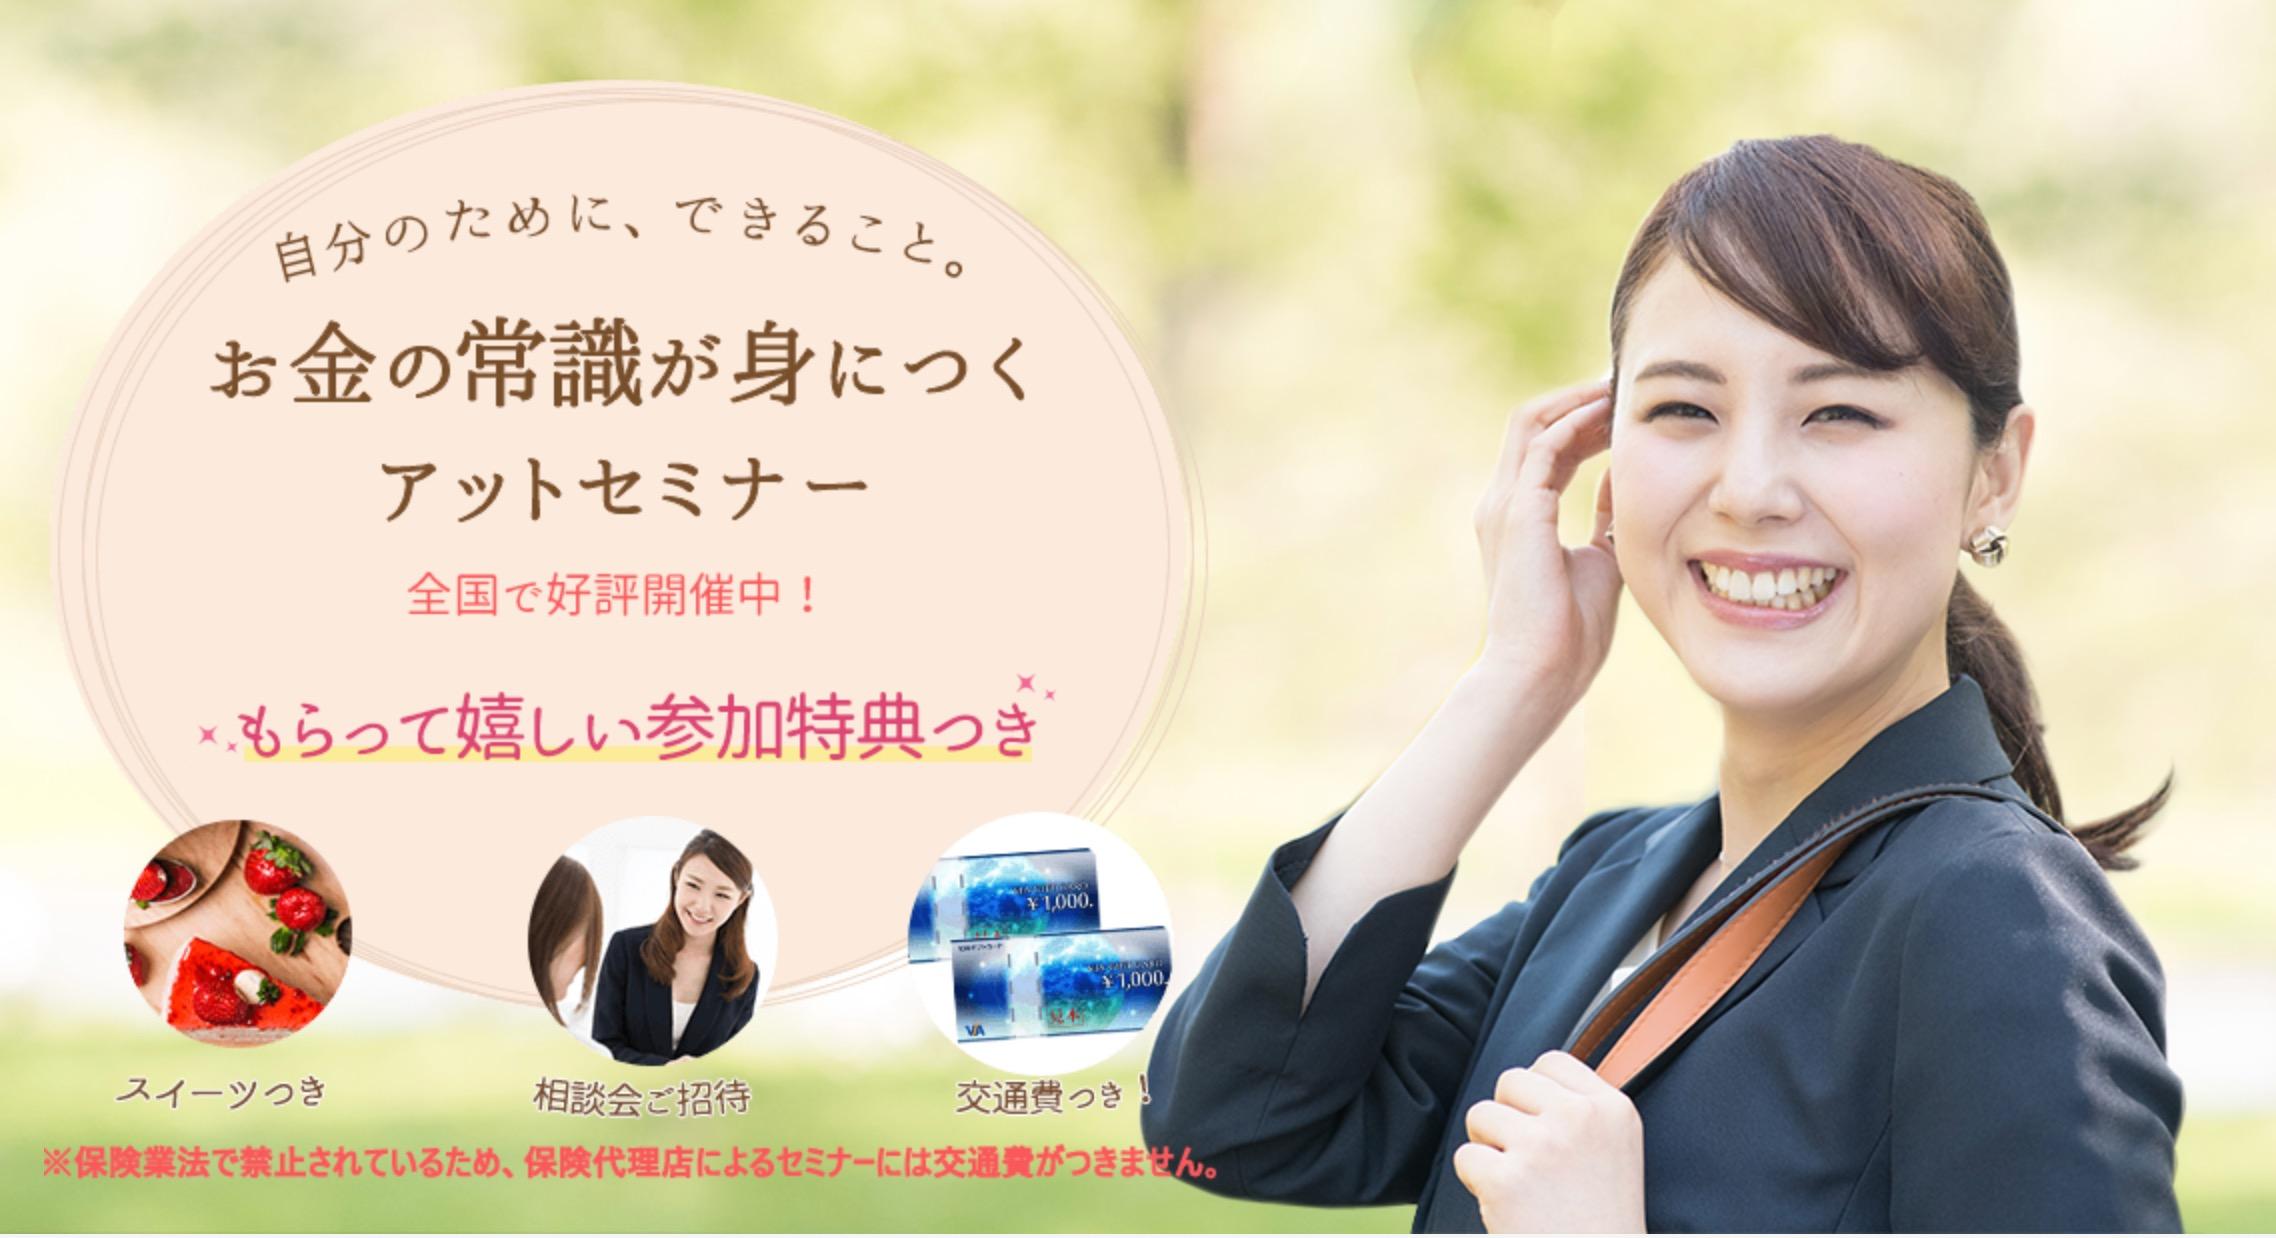 無料のマネーセミナー「アットセミナー」は怪しくない?評判・口コミを紹介!